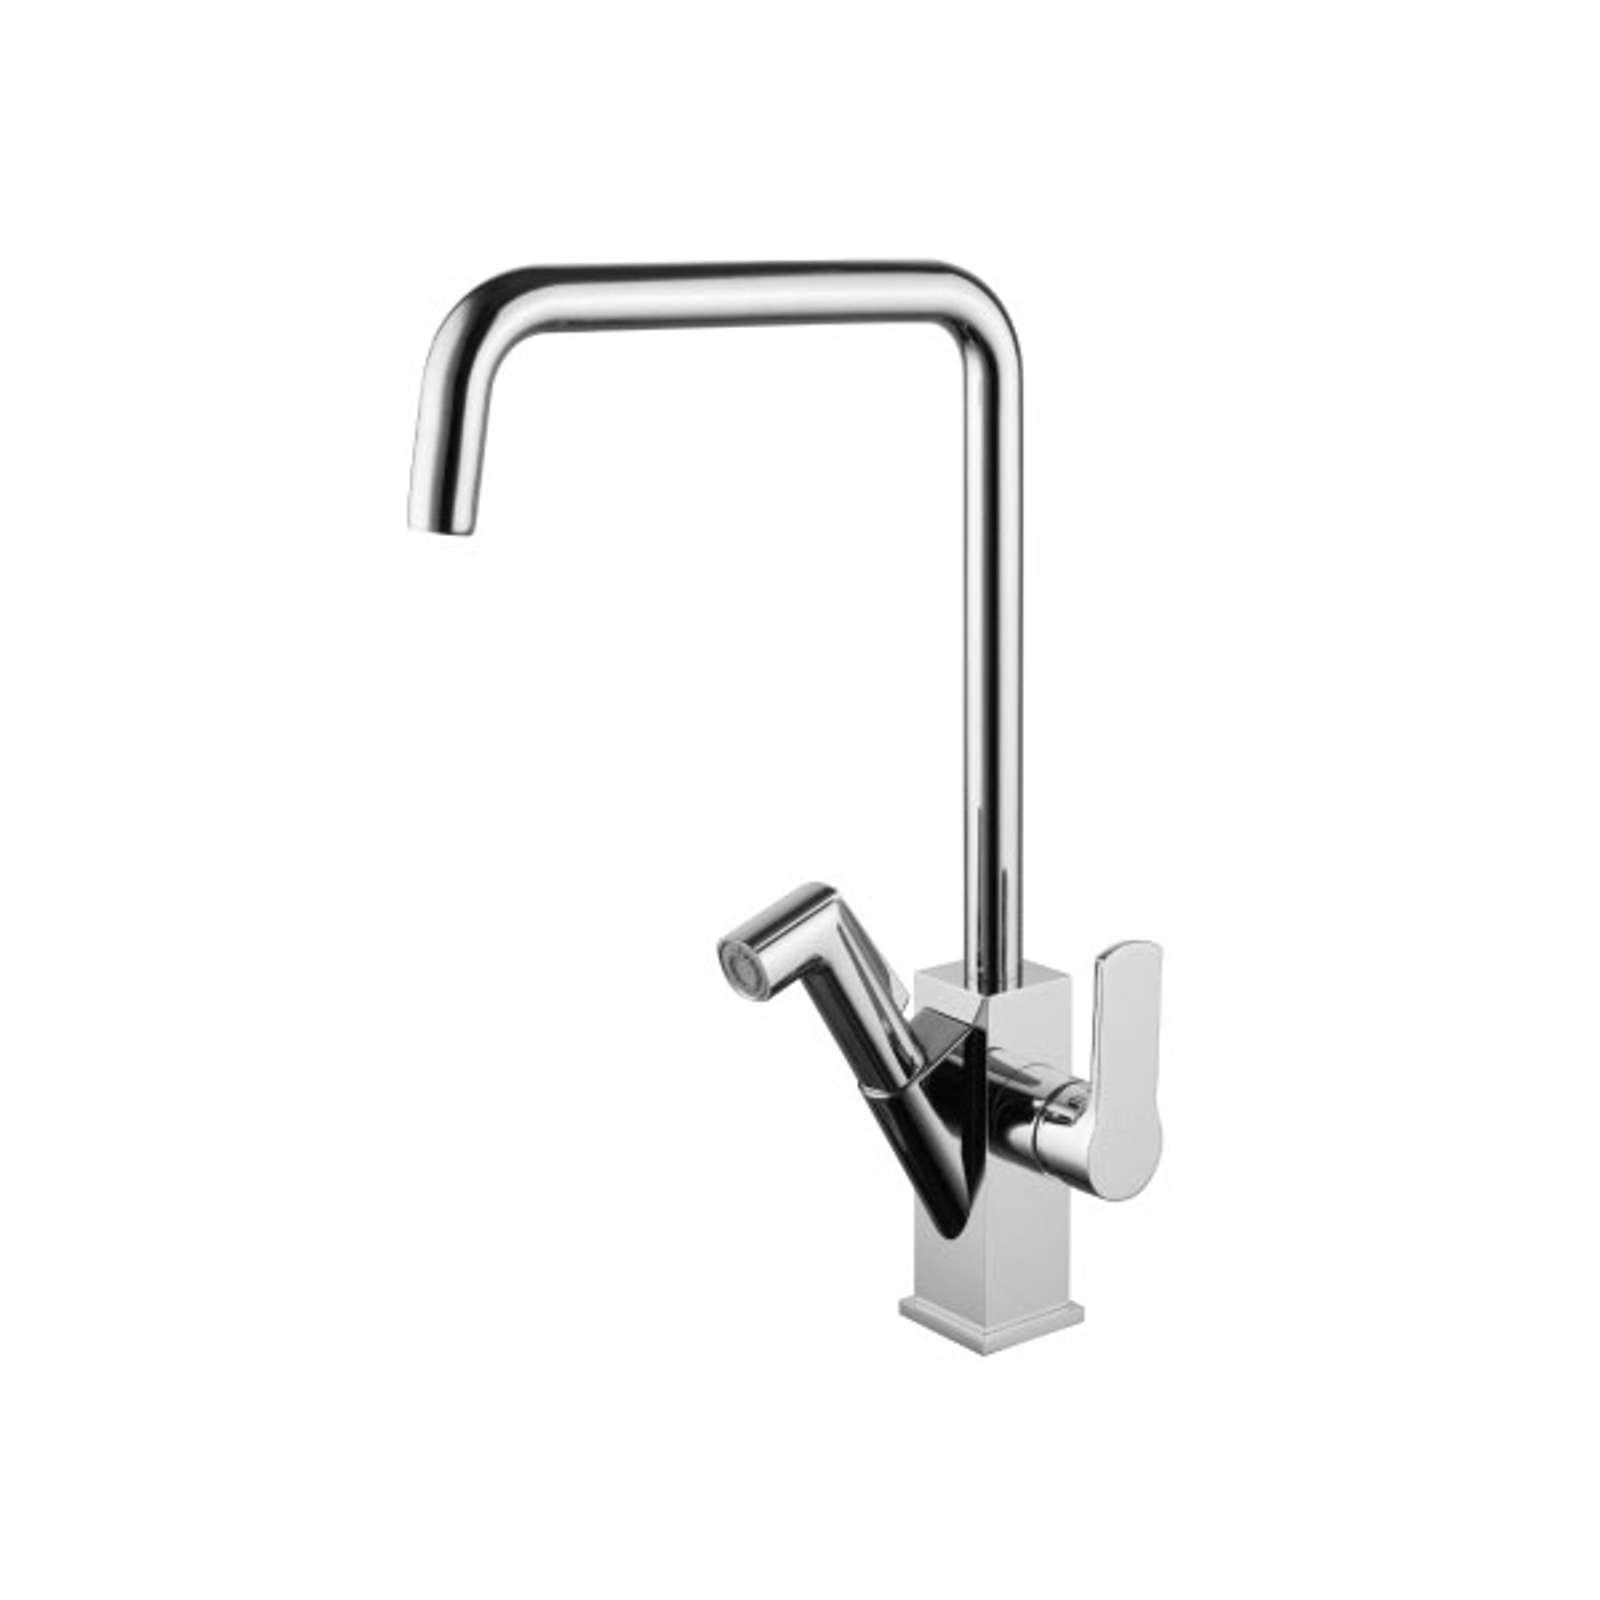 Смеситель лемарк купить в челябинске функциональная мебель для ванн